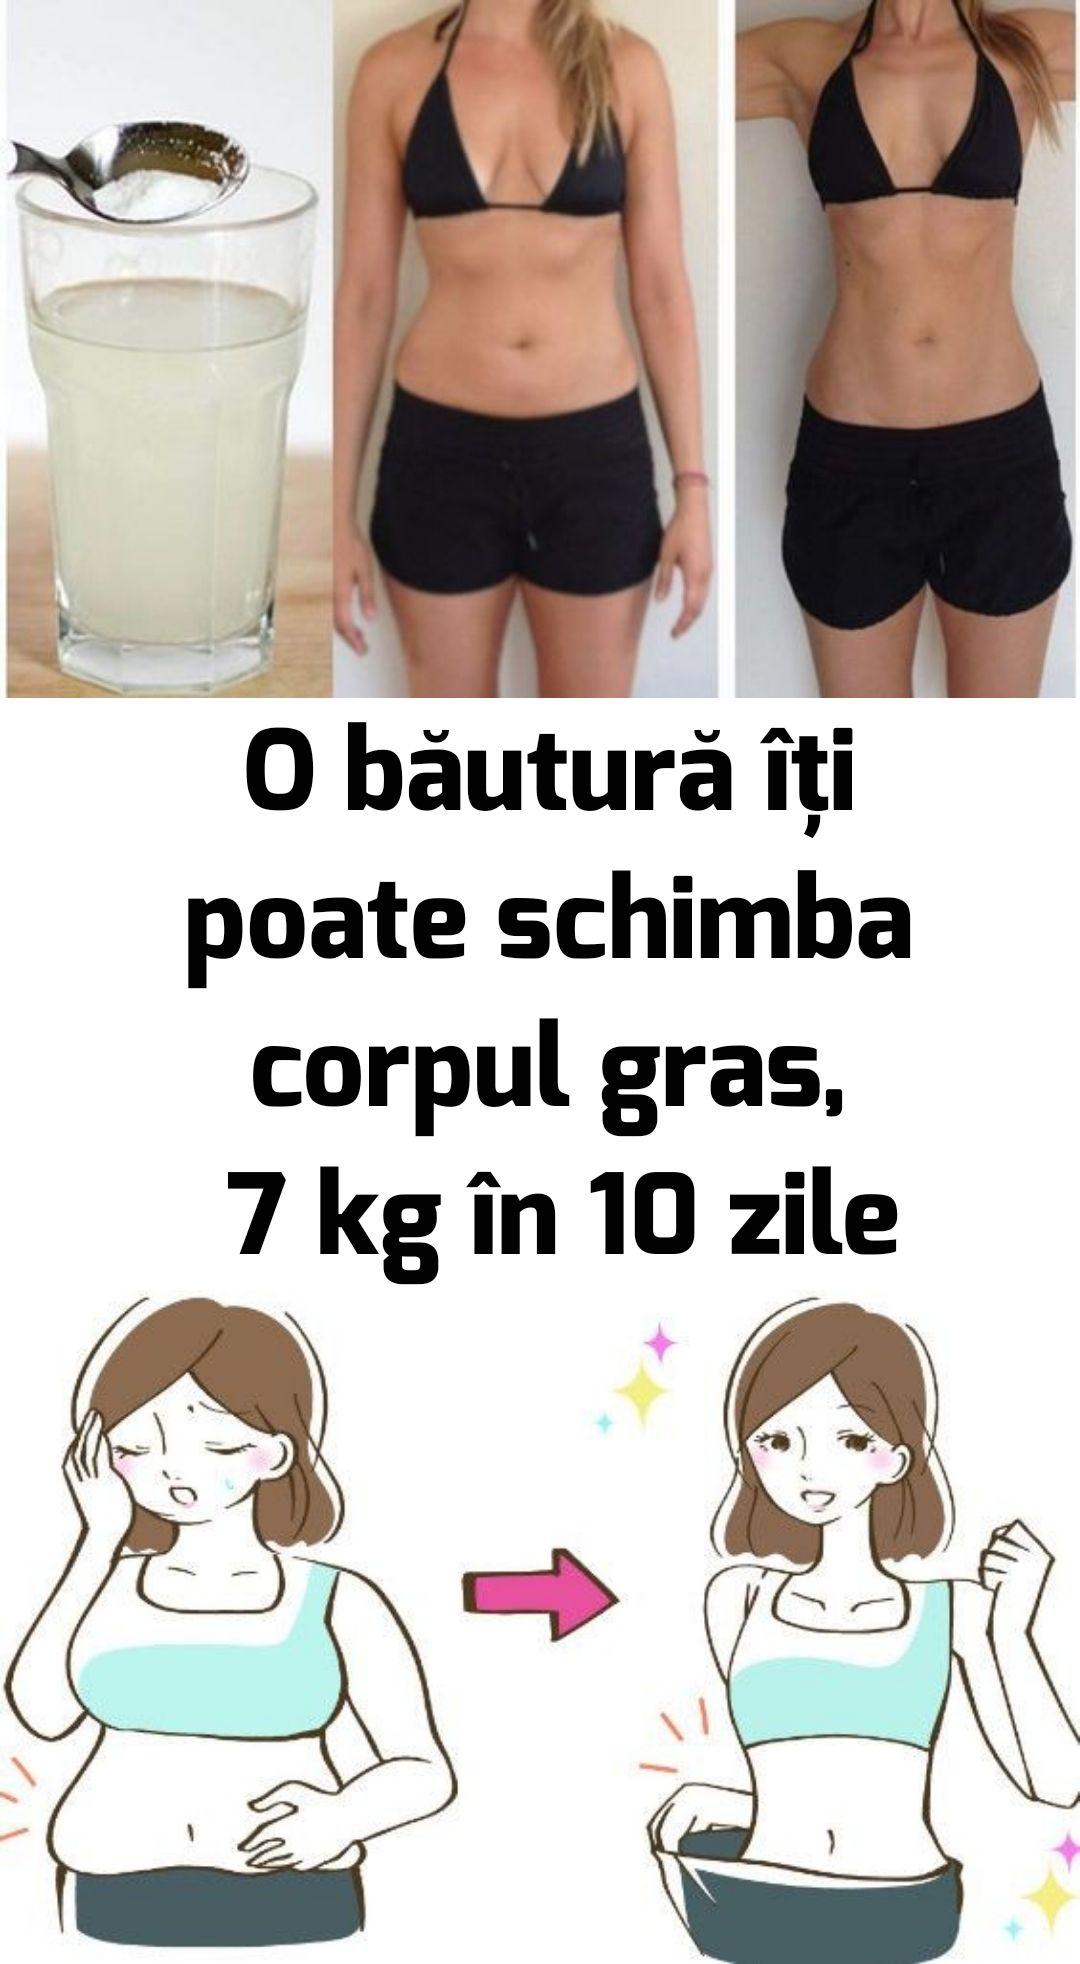 Pierdere în greutate de 7 kg